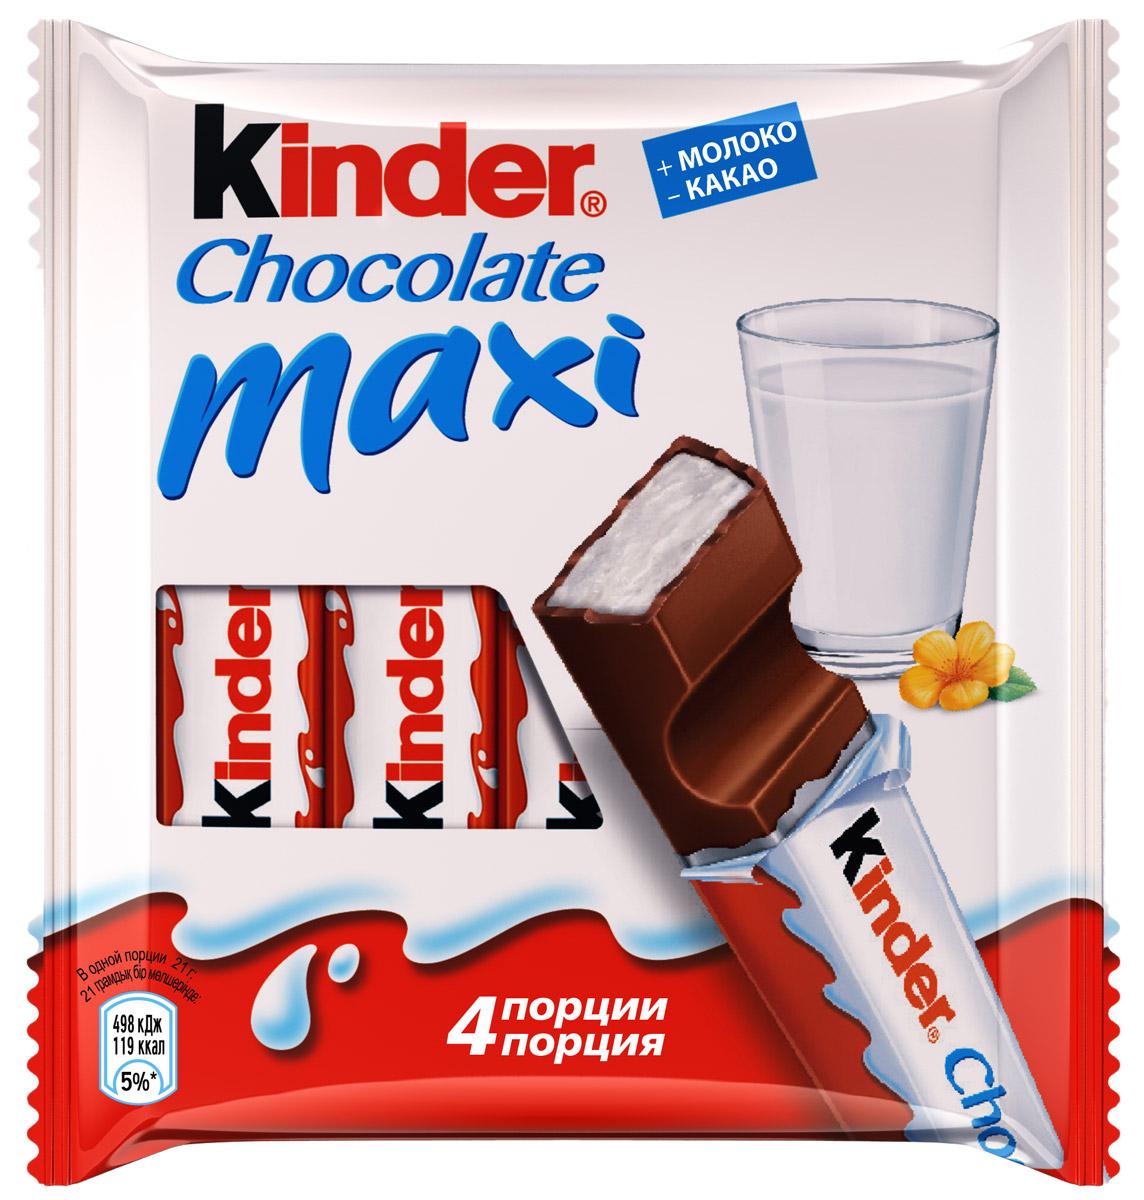 Kinder Chocolate Maxi шоколадный батончик молочный, 4 шт по 21 г0120710Превосходный шоколадный батончик из молочного шоколада с молочной начинкой, созданный специально для детей с 3-х лет.